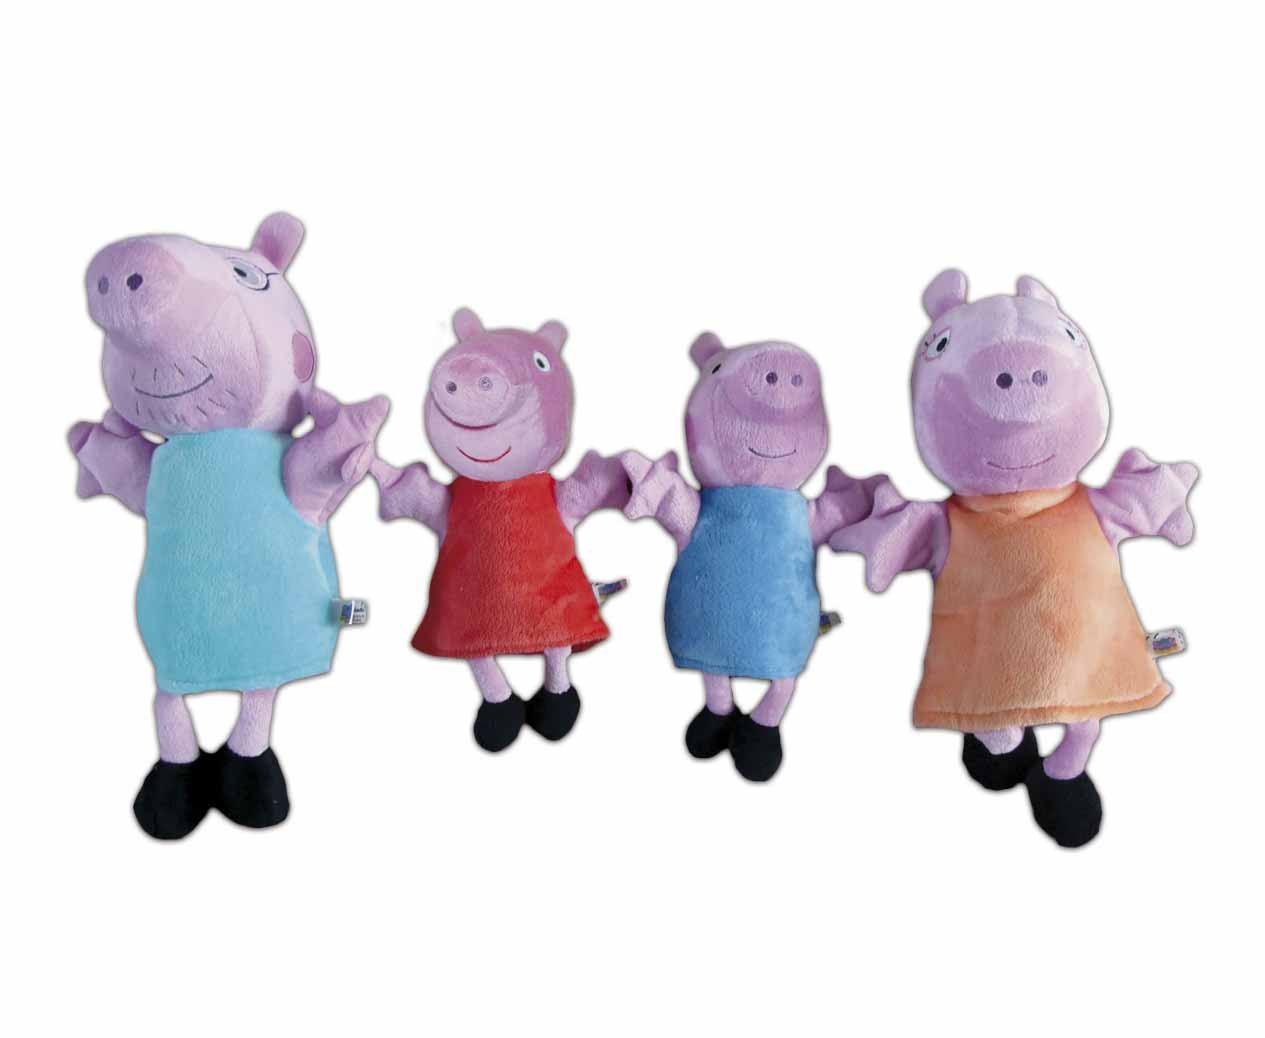 Peppa Pig - Set 4 Marionetas (Simba) 4585070 Simba Toys ClanTV dibujos educativo